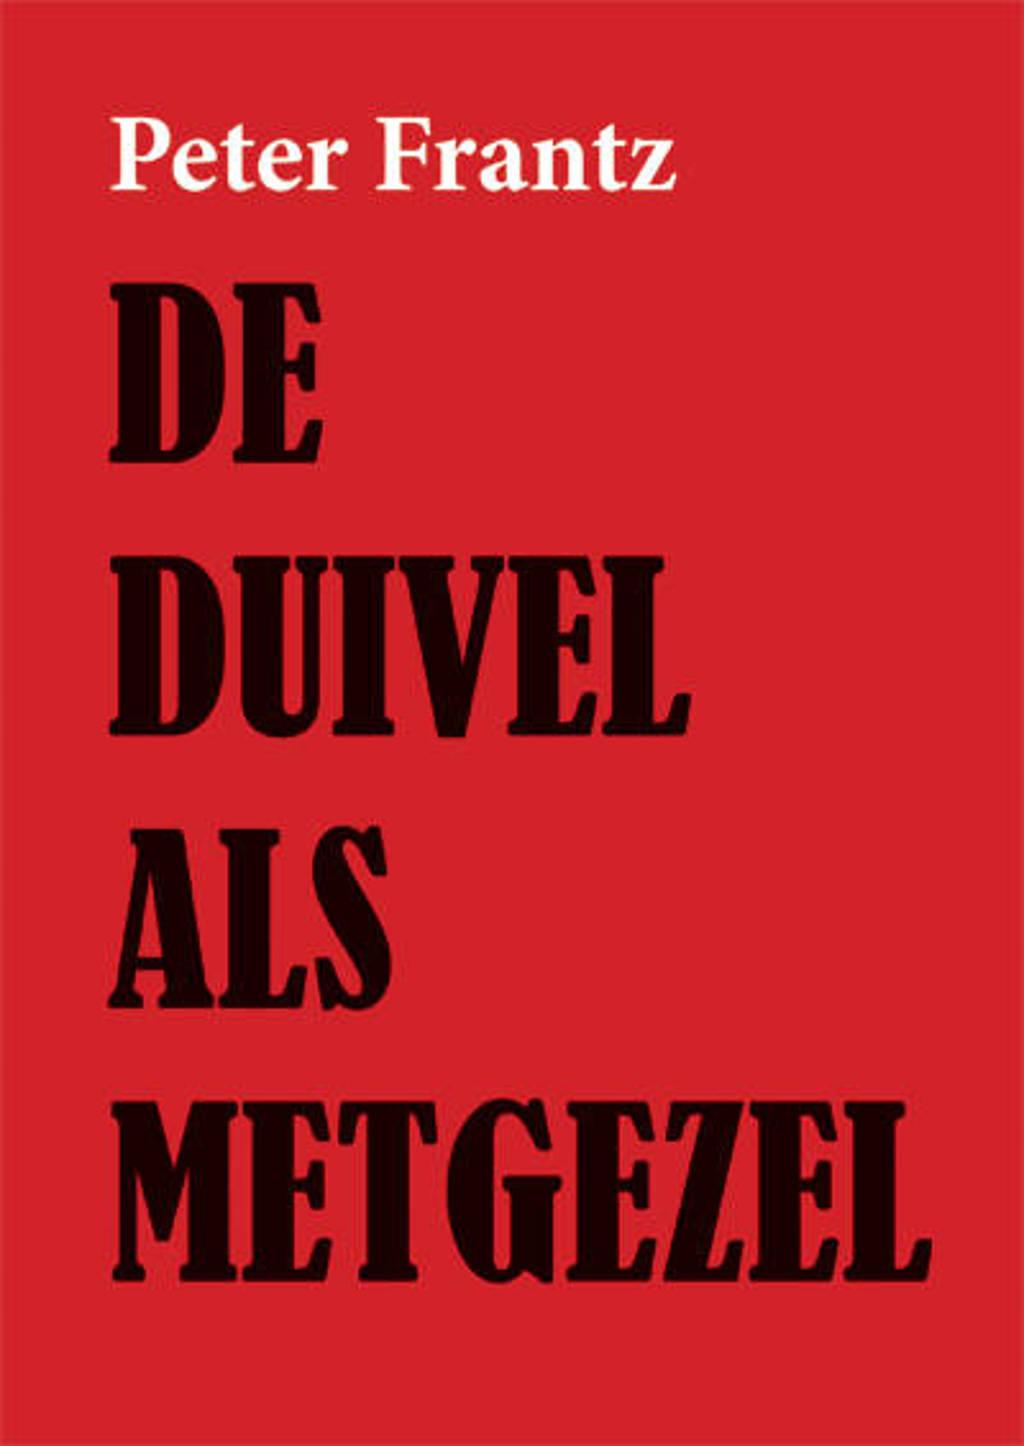 De duivel als metgezel - Peter Frantz